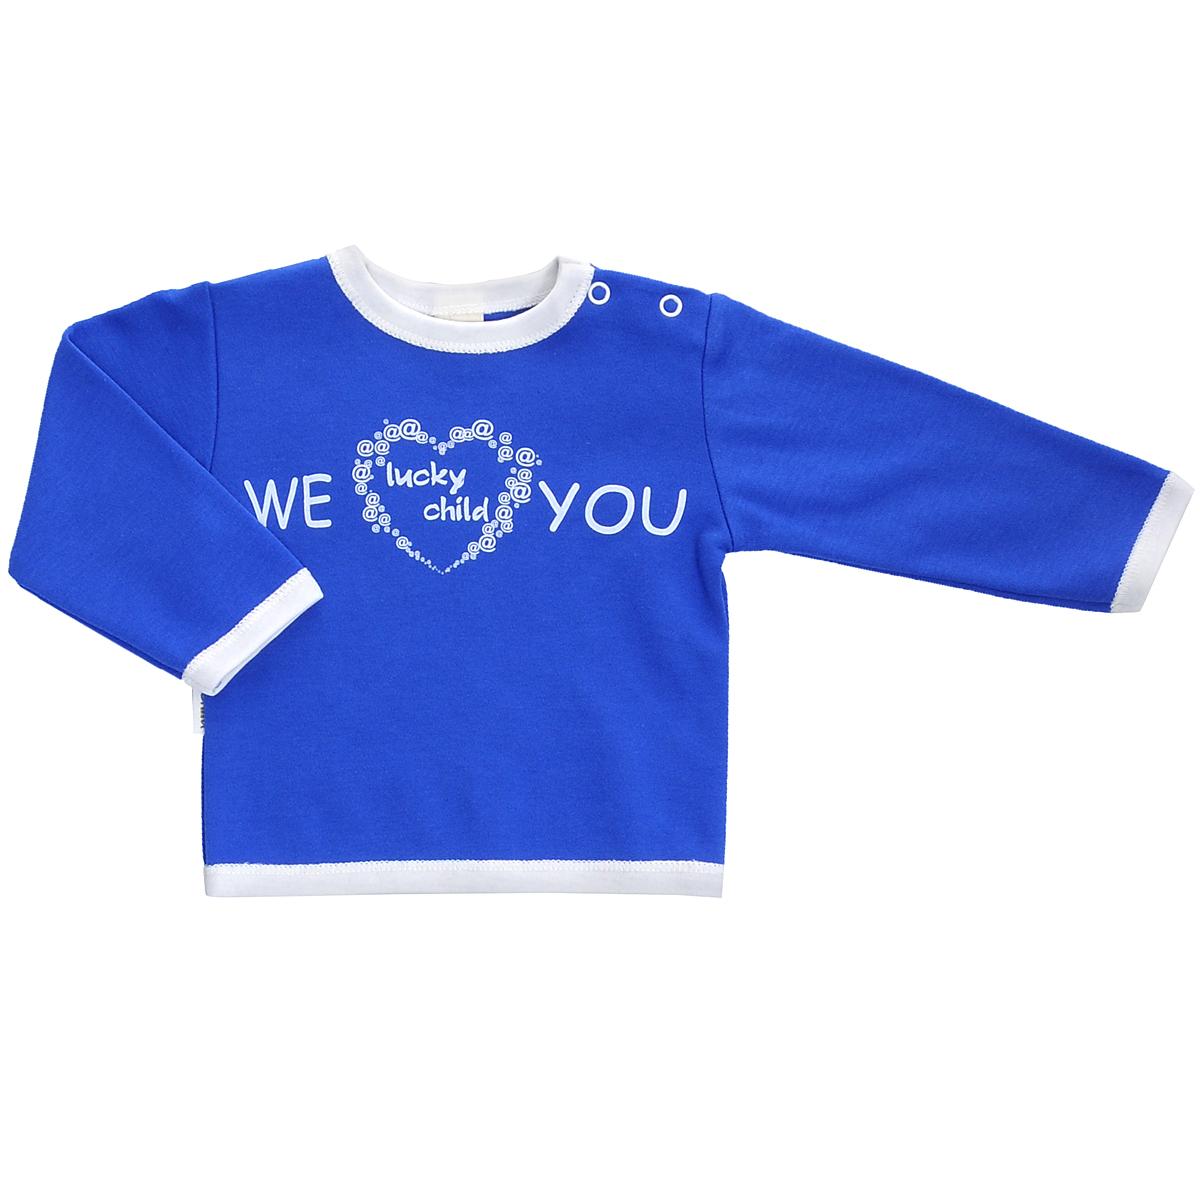 Футболка с длинным рукавом для мальчика Lucky Child, цвет: синий. 9-32. Размер 68/749-32Красивая футболка для мальчика Lucky Child идеально подойдет вашему маленькому мужчине. Изготовленная из натурального хлопка, она необычайно мягкая и приятная на ощупь, не сковывает движения малыша и позволяет коже дышать, не раздражает даже самую нежную и чувствительную кожу ребенка, обеспечивая ему наибольший комфорт. Футболка с длинными рукавами и круглым вырезом горловины имеет кнопки по плечу, которые позволяют без труда переодеть младенца. Вырез горловины, низ рукавов и низ изделия дополнены трикотажной резинкой. Спереди она оформлена оригинальный принтом. Оригинальный современный дизайн и модная расцветка делают эту футболку модным и стильным предметом детского гардероба. В ней ваш малыш будет чувствовать себя уютно и комфортно, и всегда будет в центре внимания!